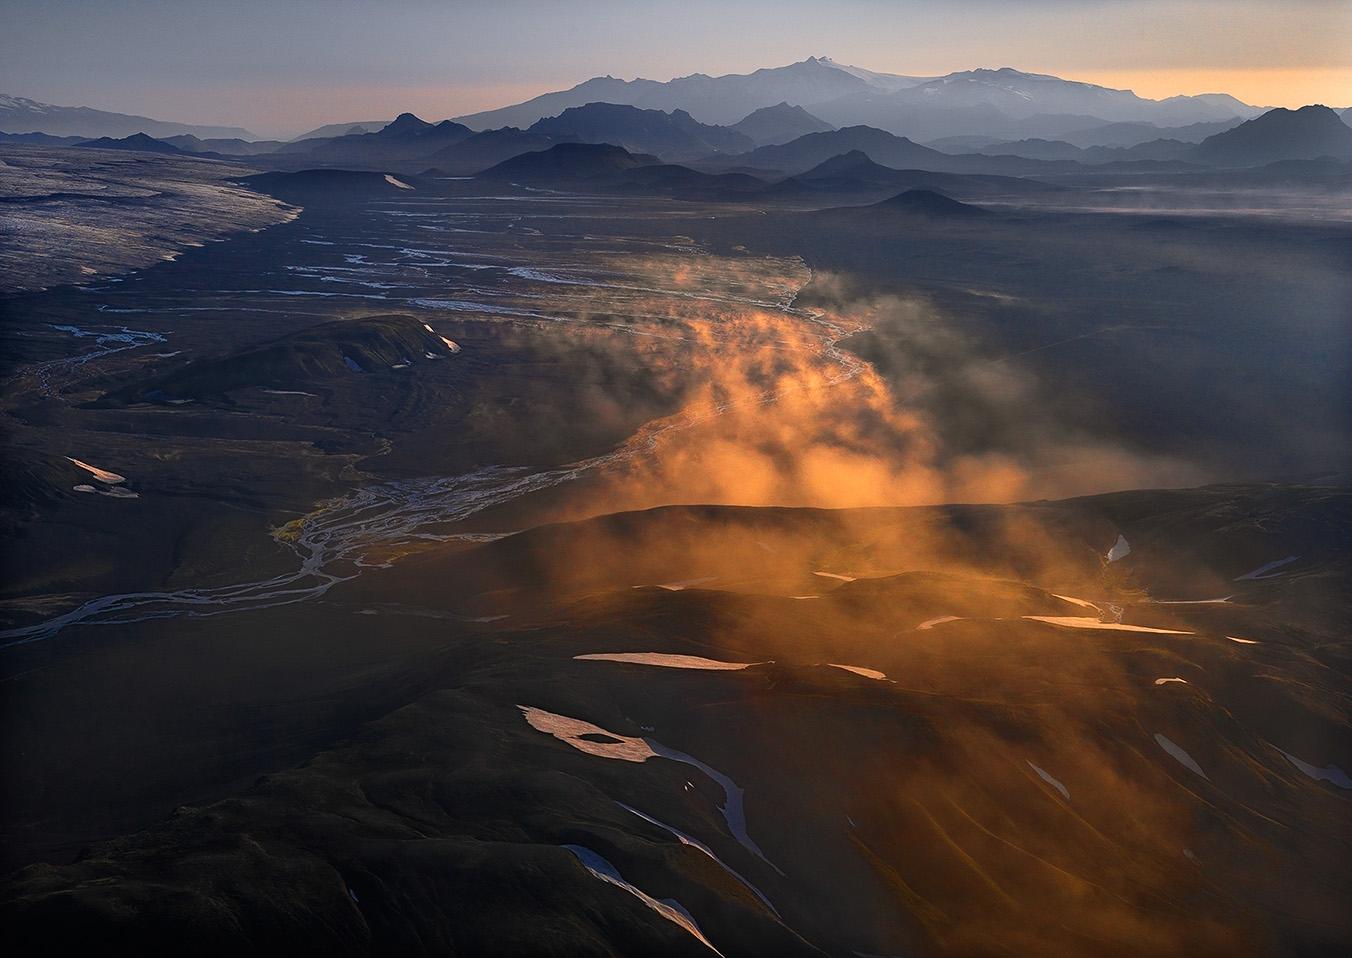 Hans Strand landskapsfotografiets mästare berättar om Island. Intervju av Christian Nilsson, Objektivtest.se